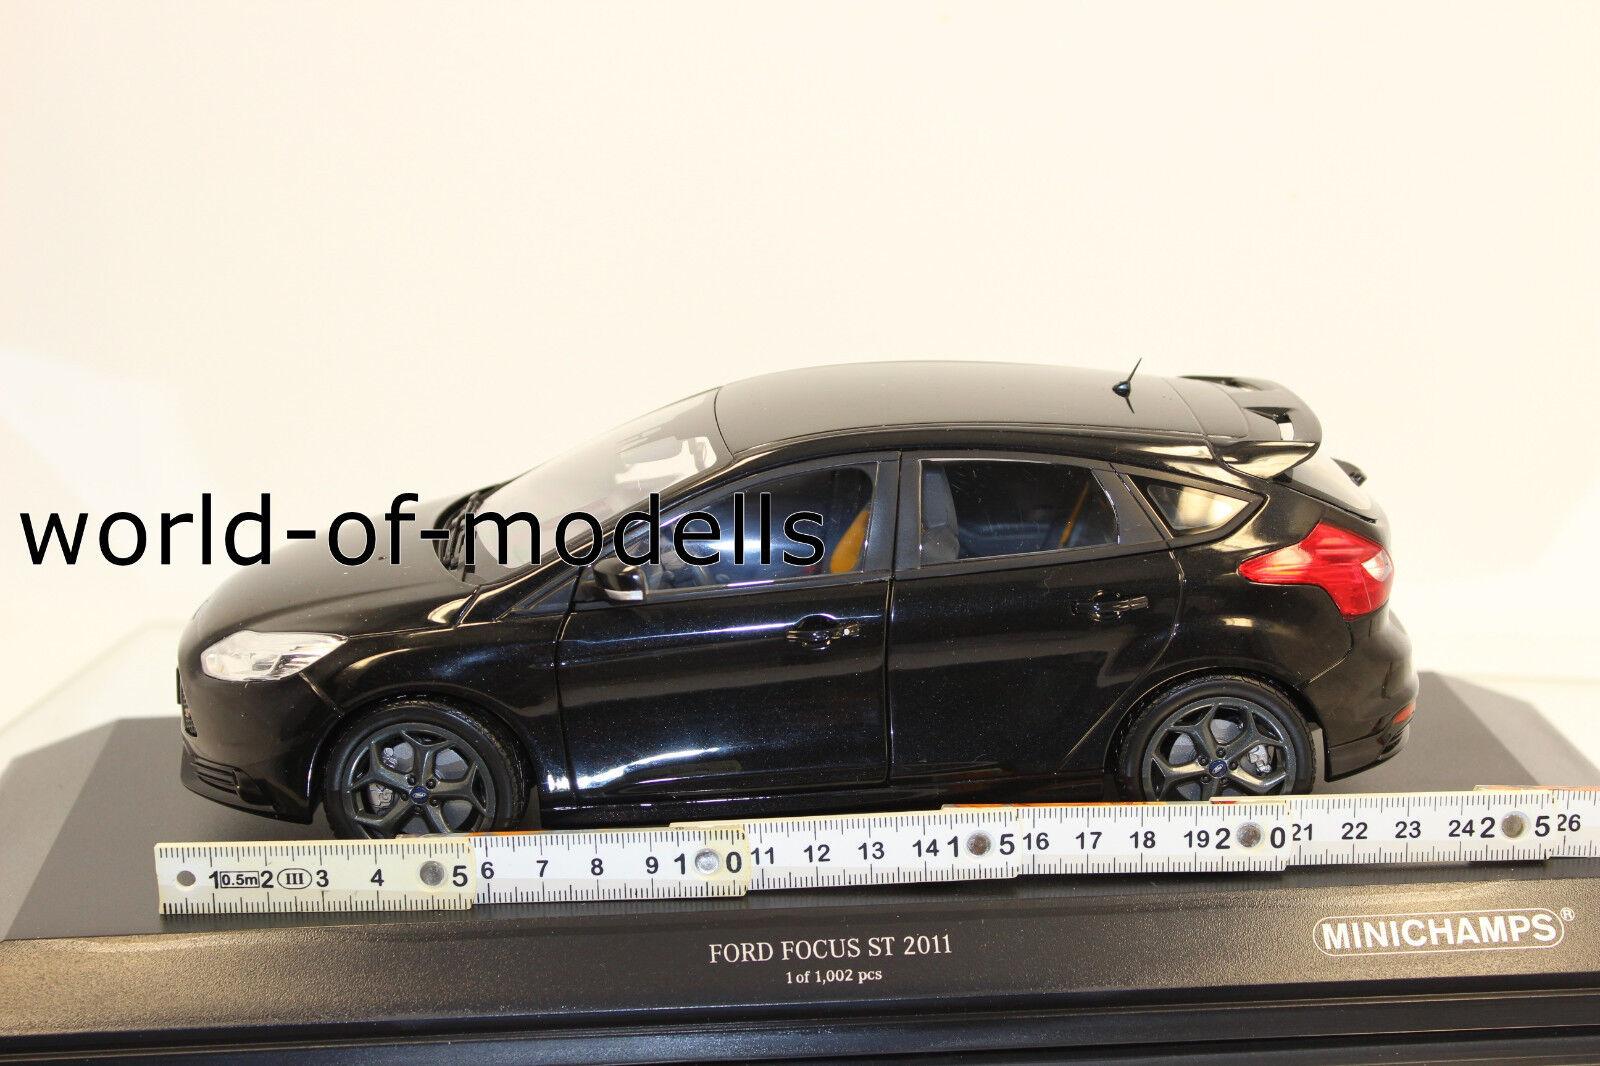 Ford focus st 110082000 minichamps 2011 schwarz 1,18) neu in ovp